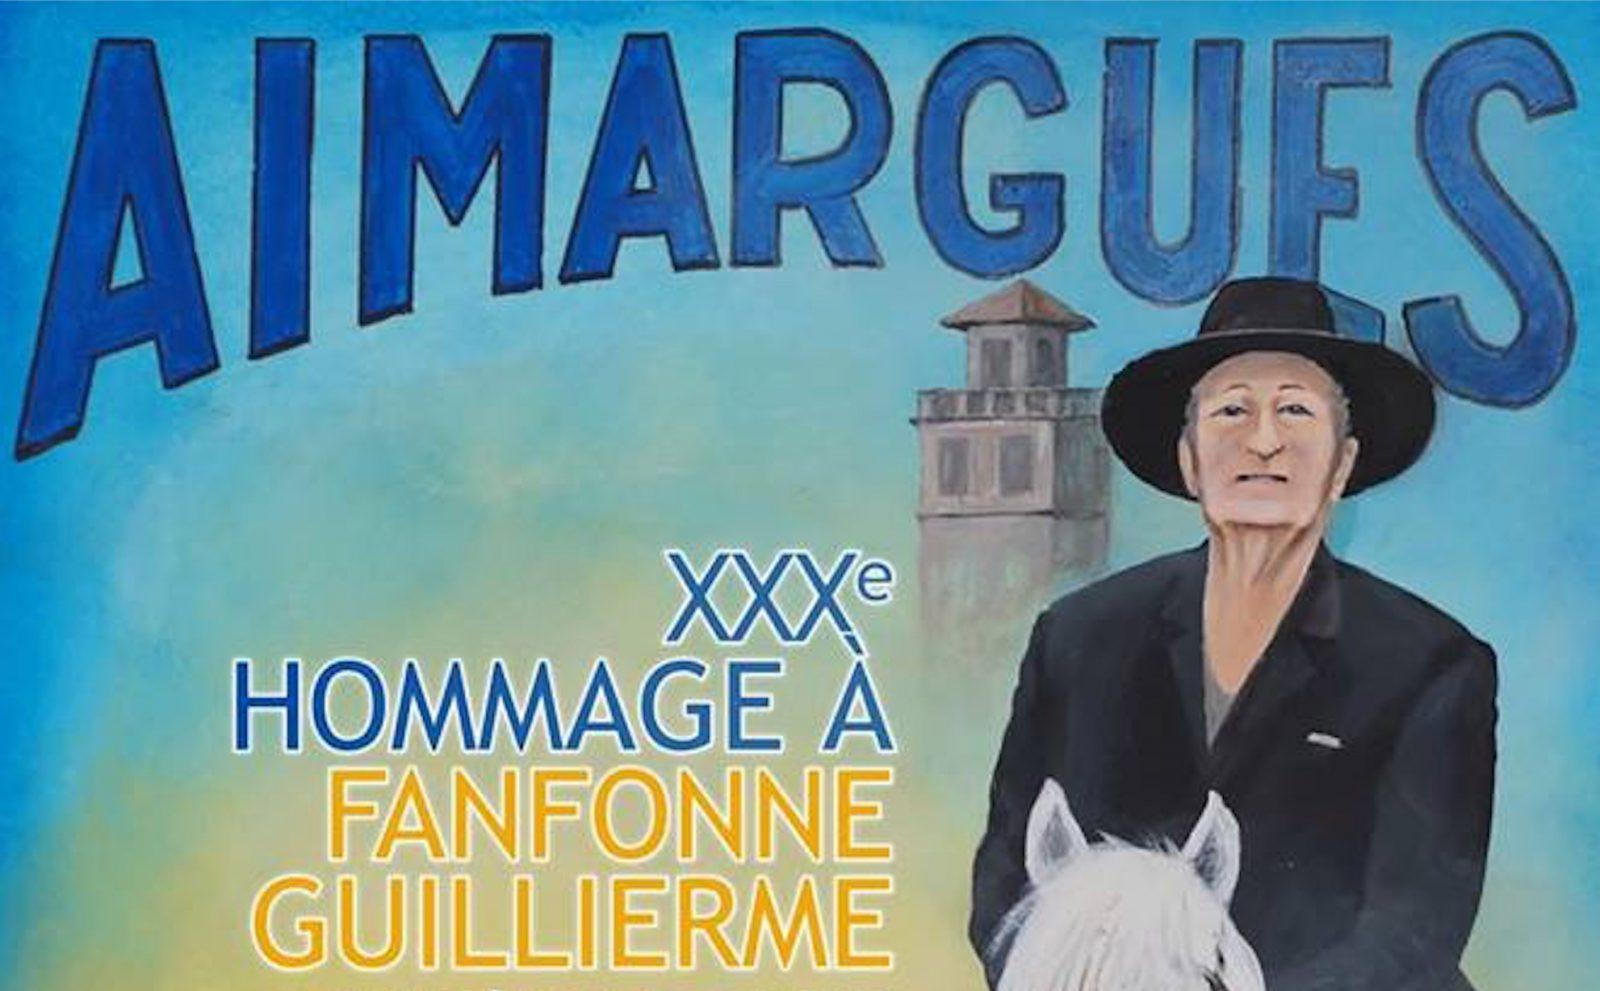 AIMARGUES 2019 // Le programme du 30ème Hommage à Fanfonne Guillierme